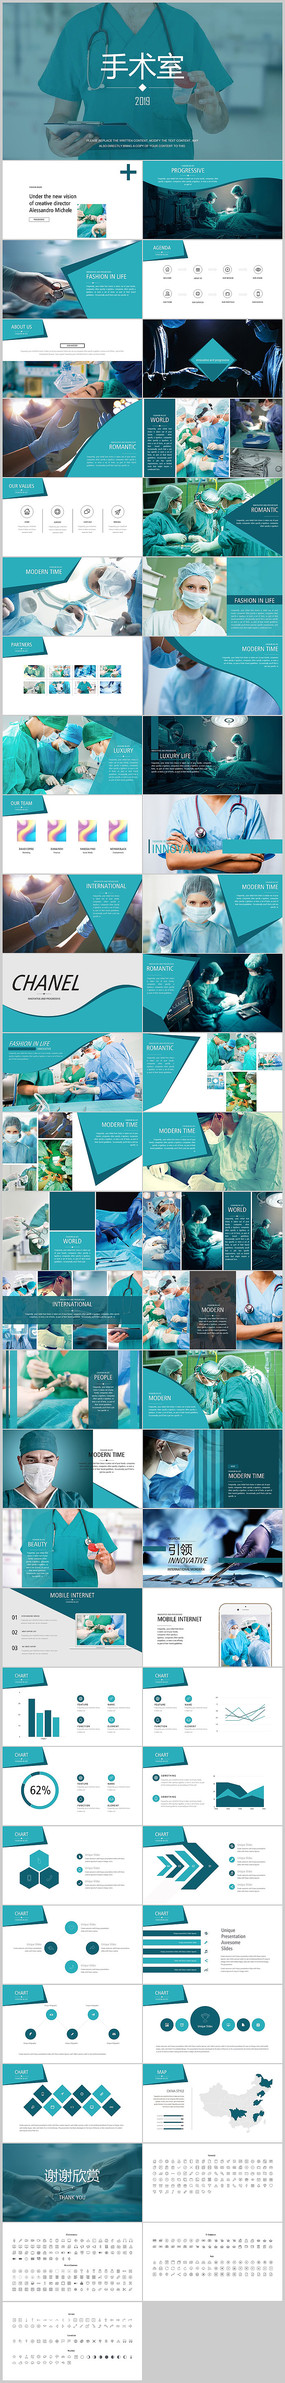 医疗护士手术工作汇报PPT